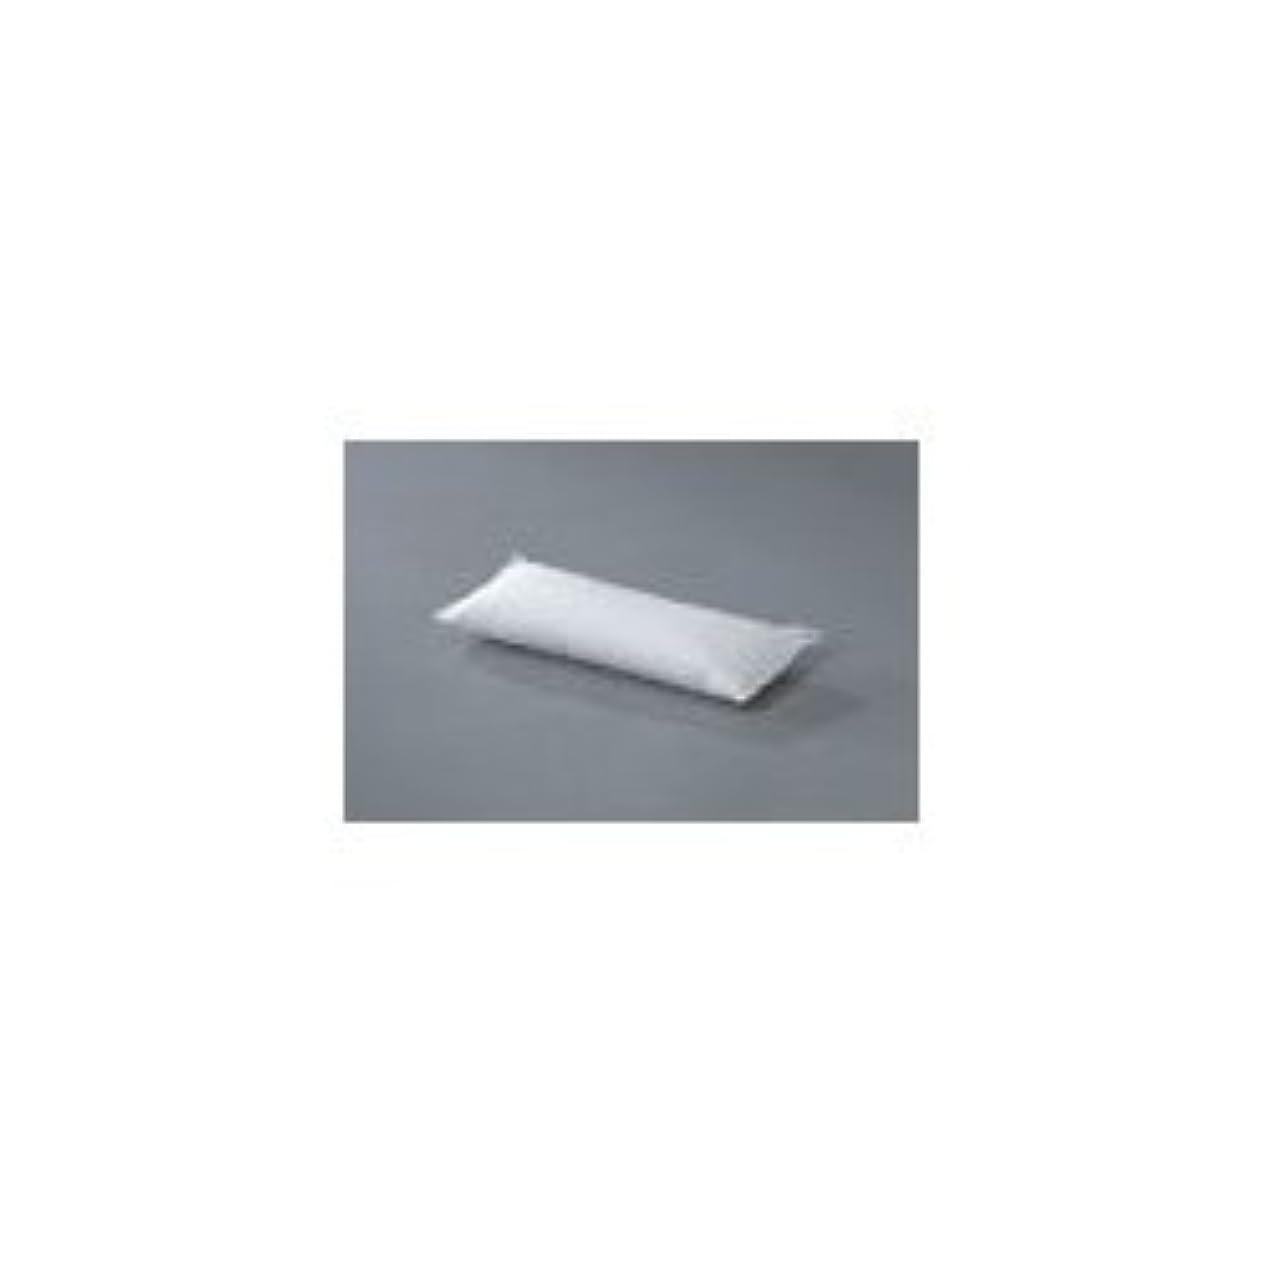 赤外線その後ガードジャノメ 24時間風呂 クリーンバスユニット専用電解促進剤 CLパック 7袋 (クリーンパック)